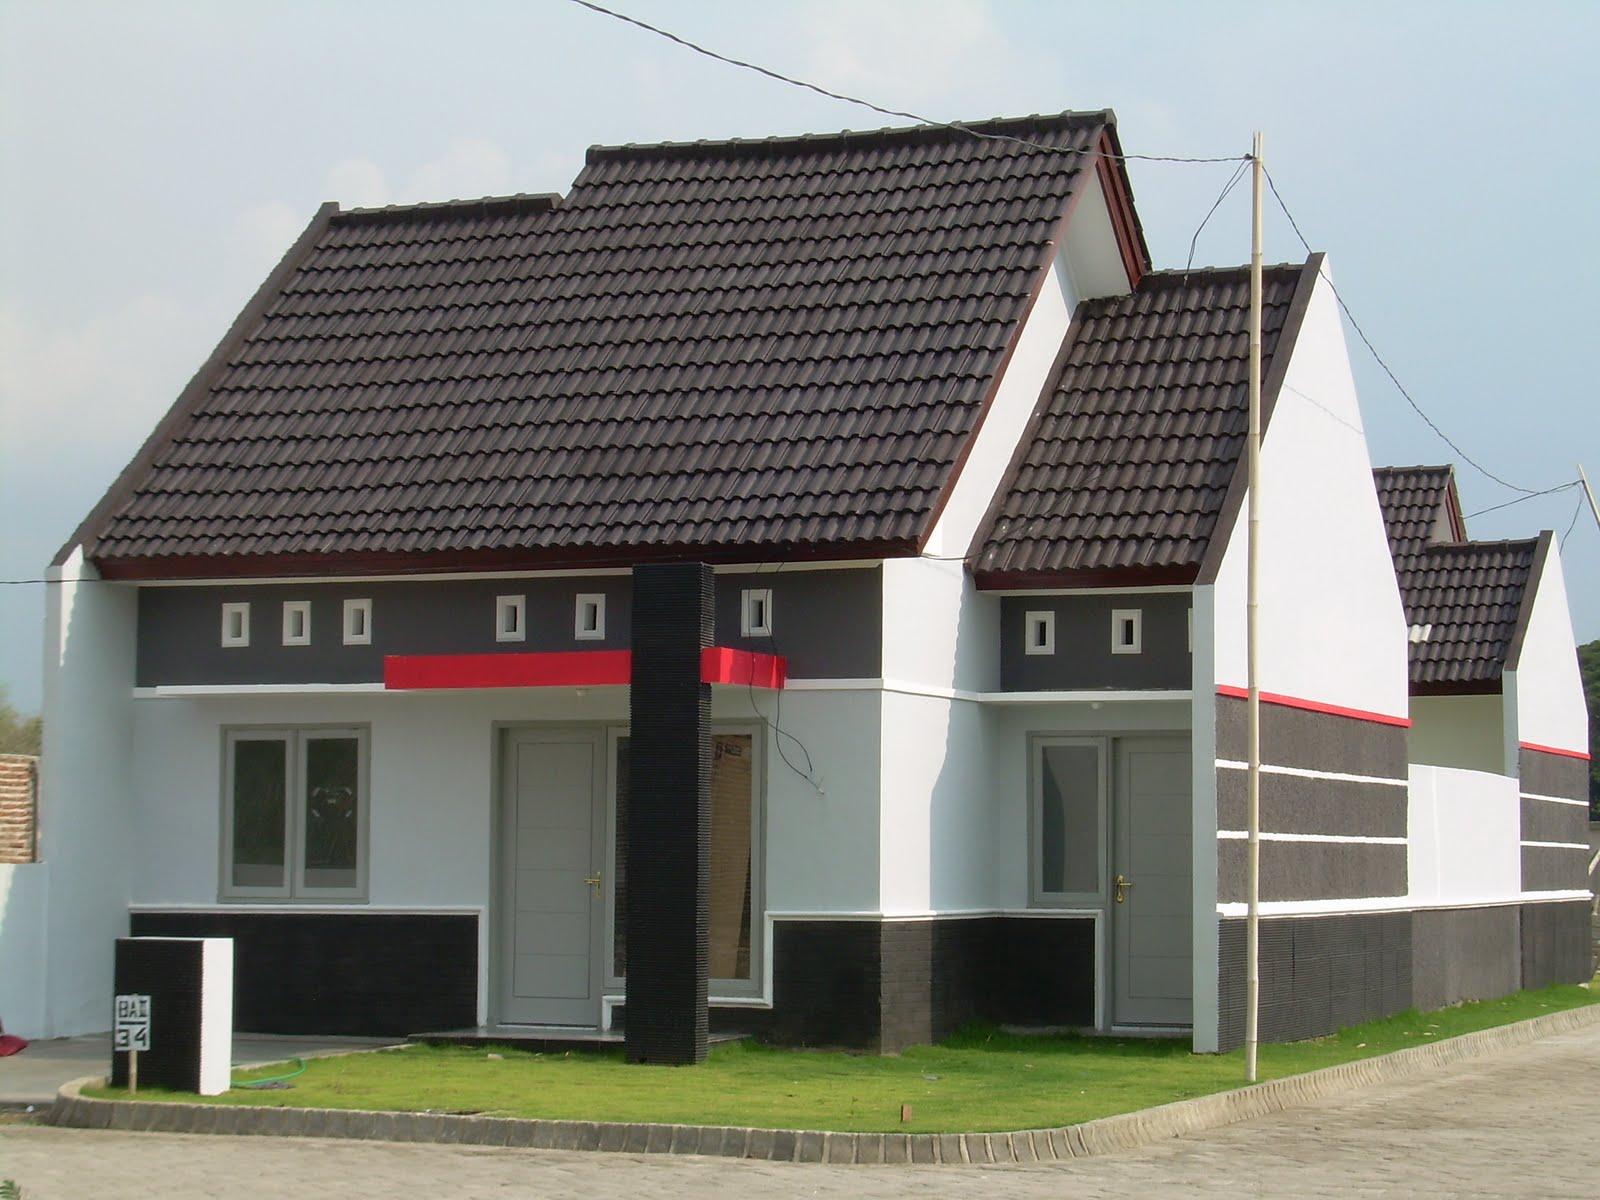 43 Gambar Rumah Bagus Sederhana Terbaru